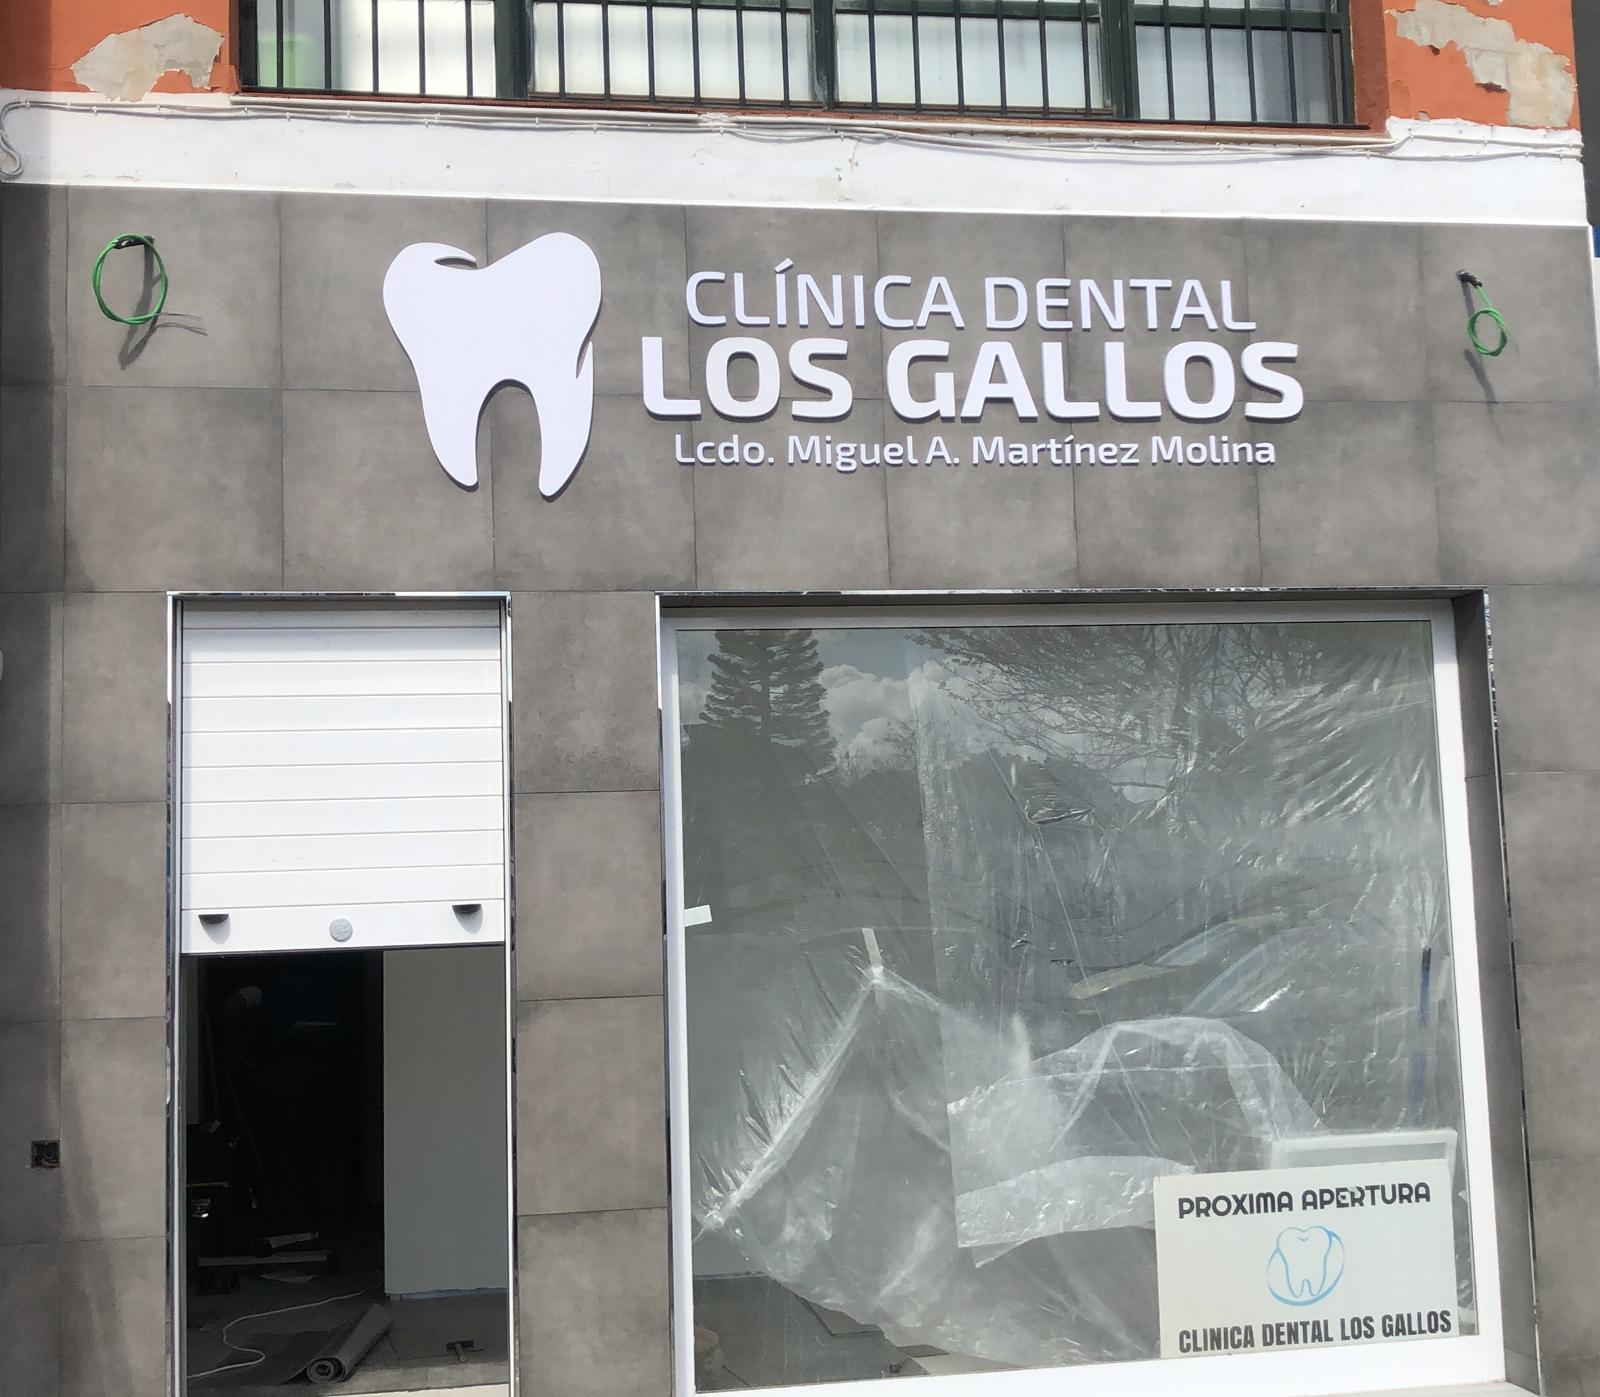 Fachada del local de dentista Los gallos